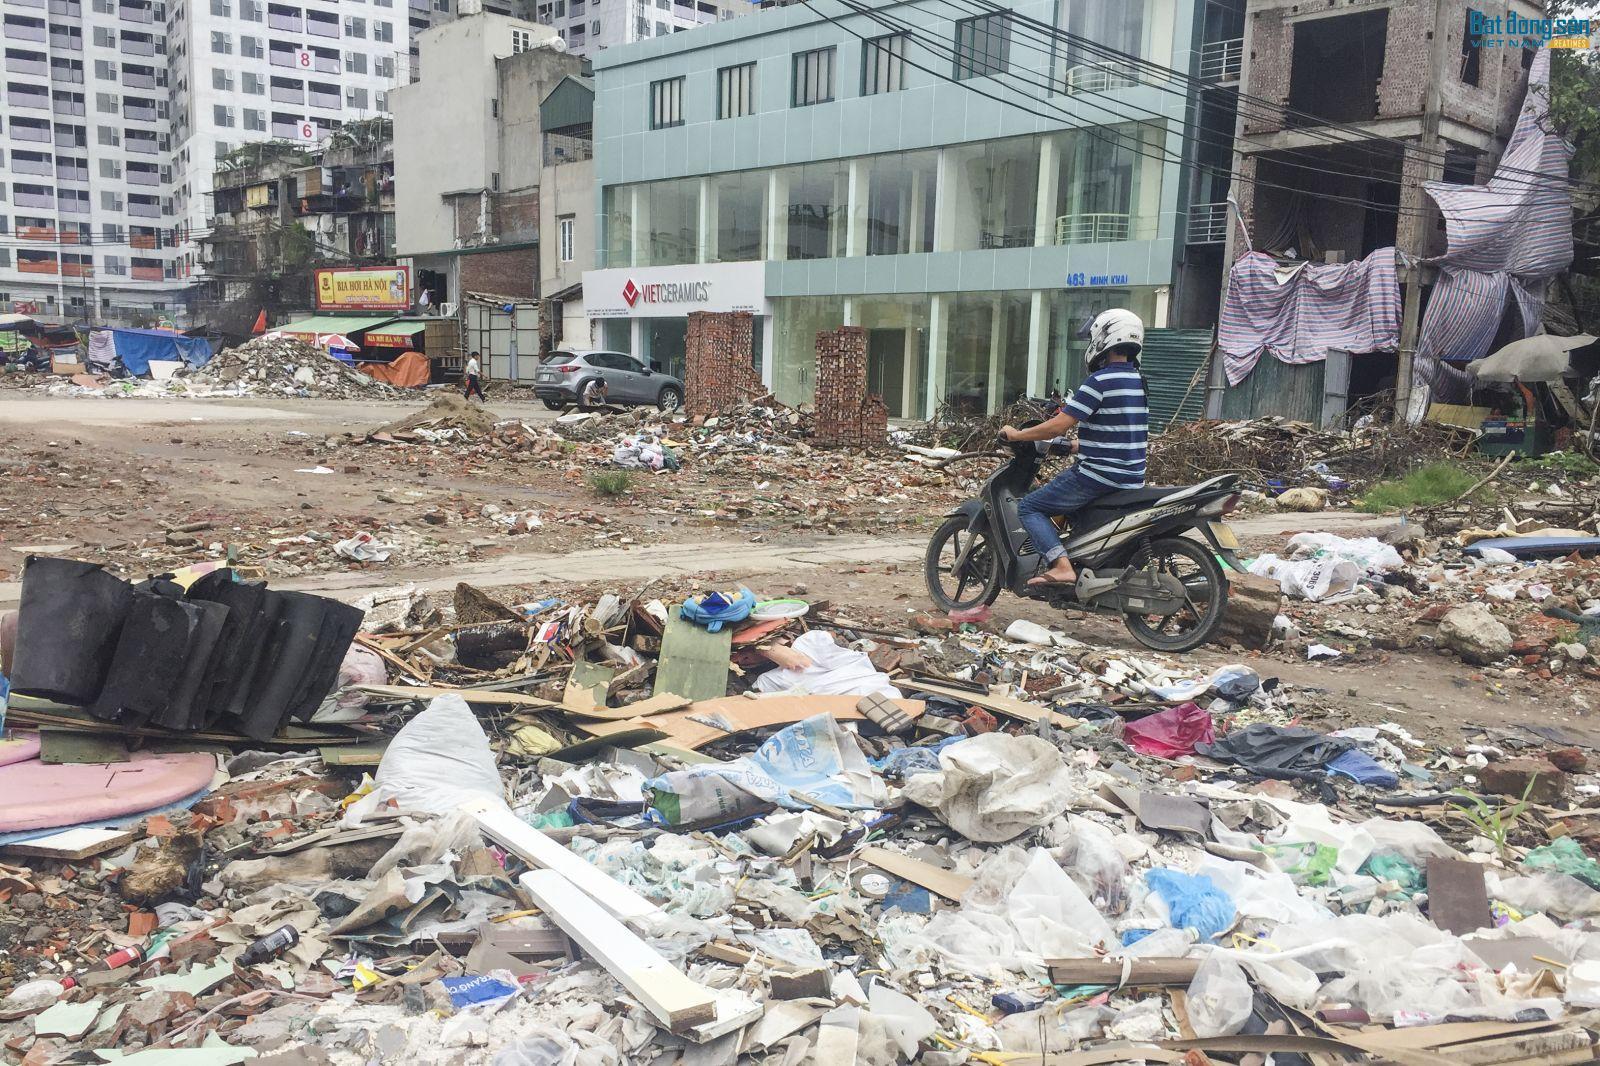 Bất chấp rác thải, phế liệu xây dựng, người dân vẫn rẽ lối để đi